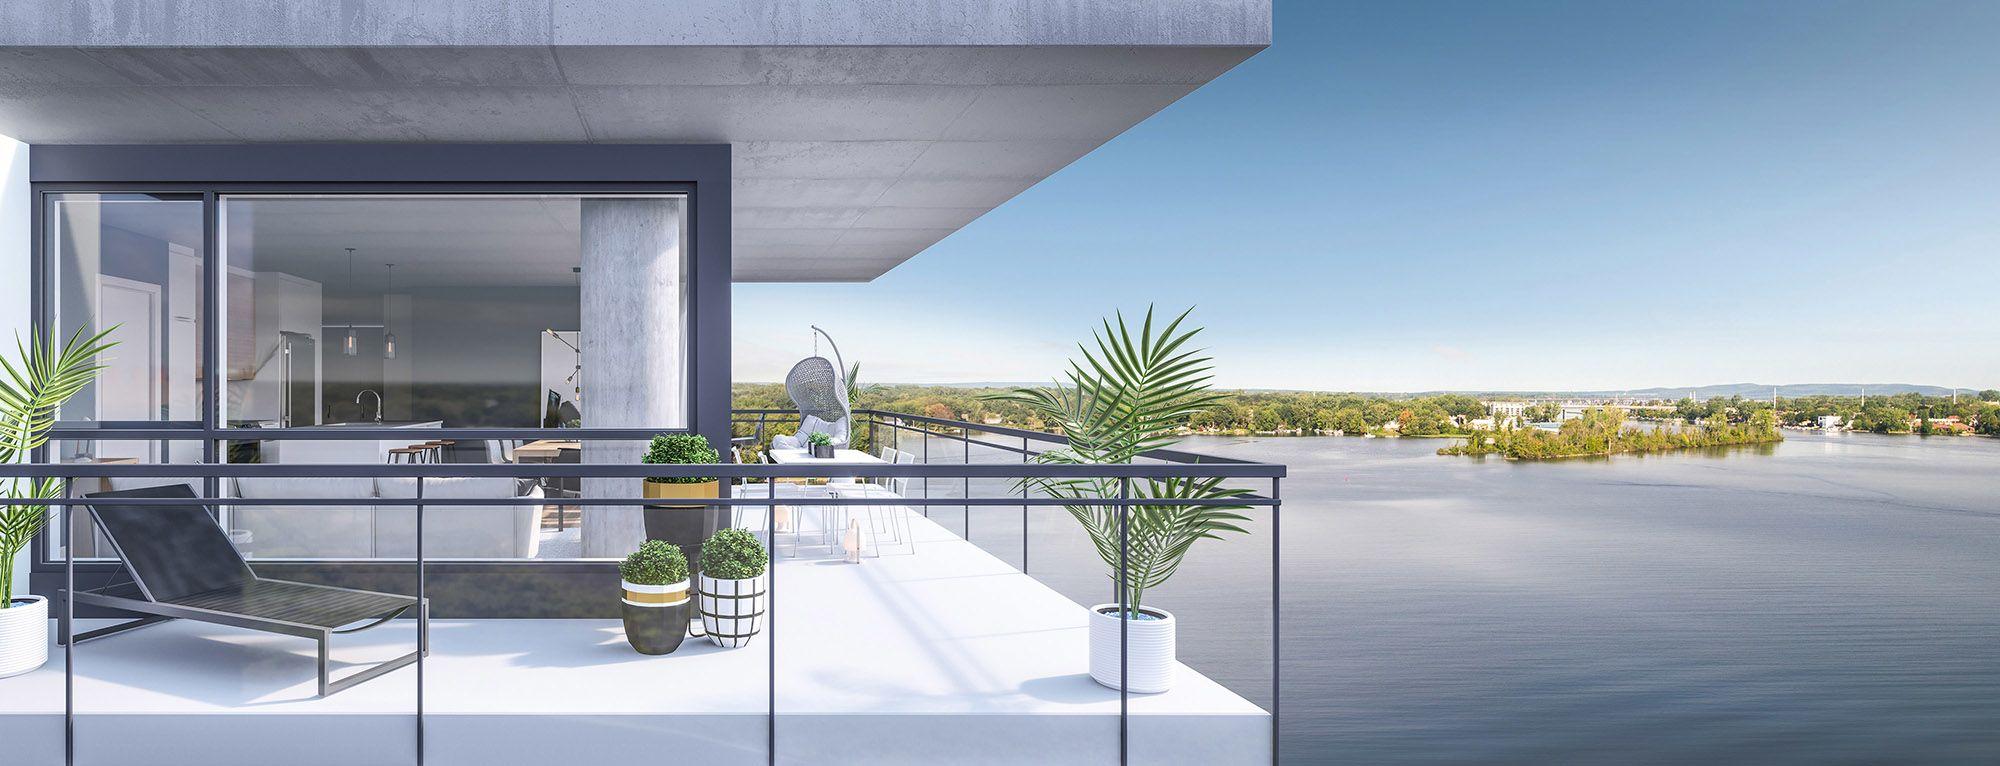 luxeo projet de condo balcon